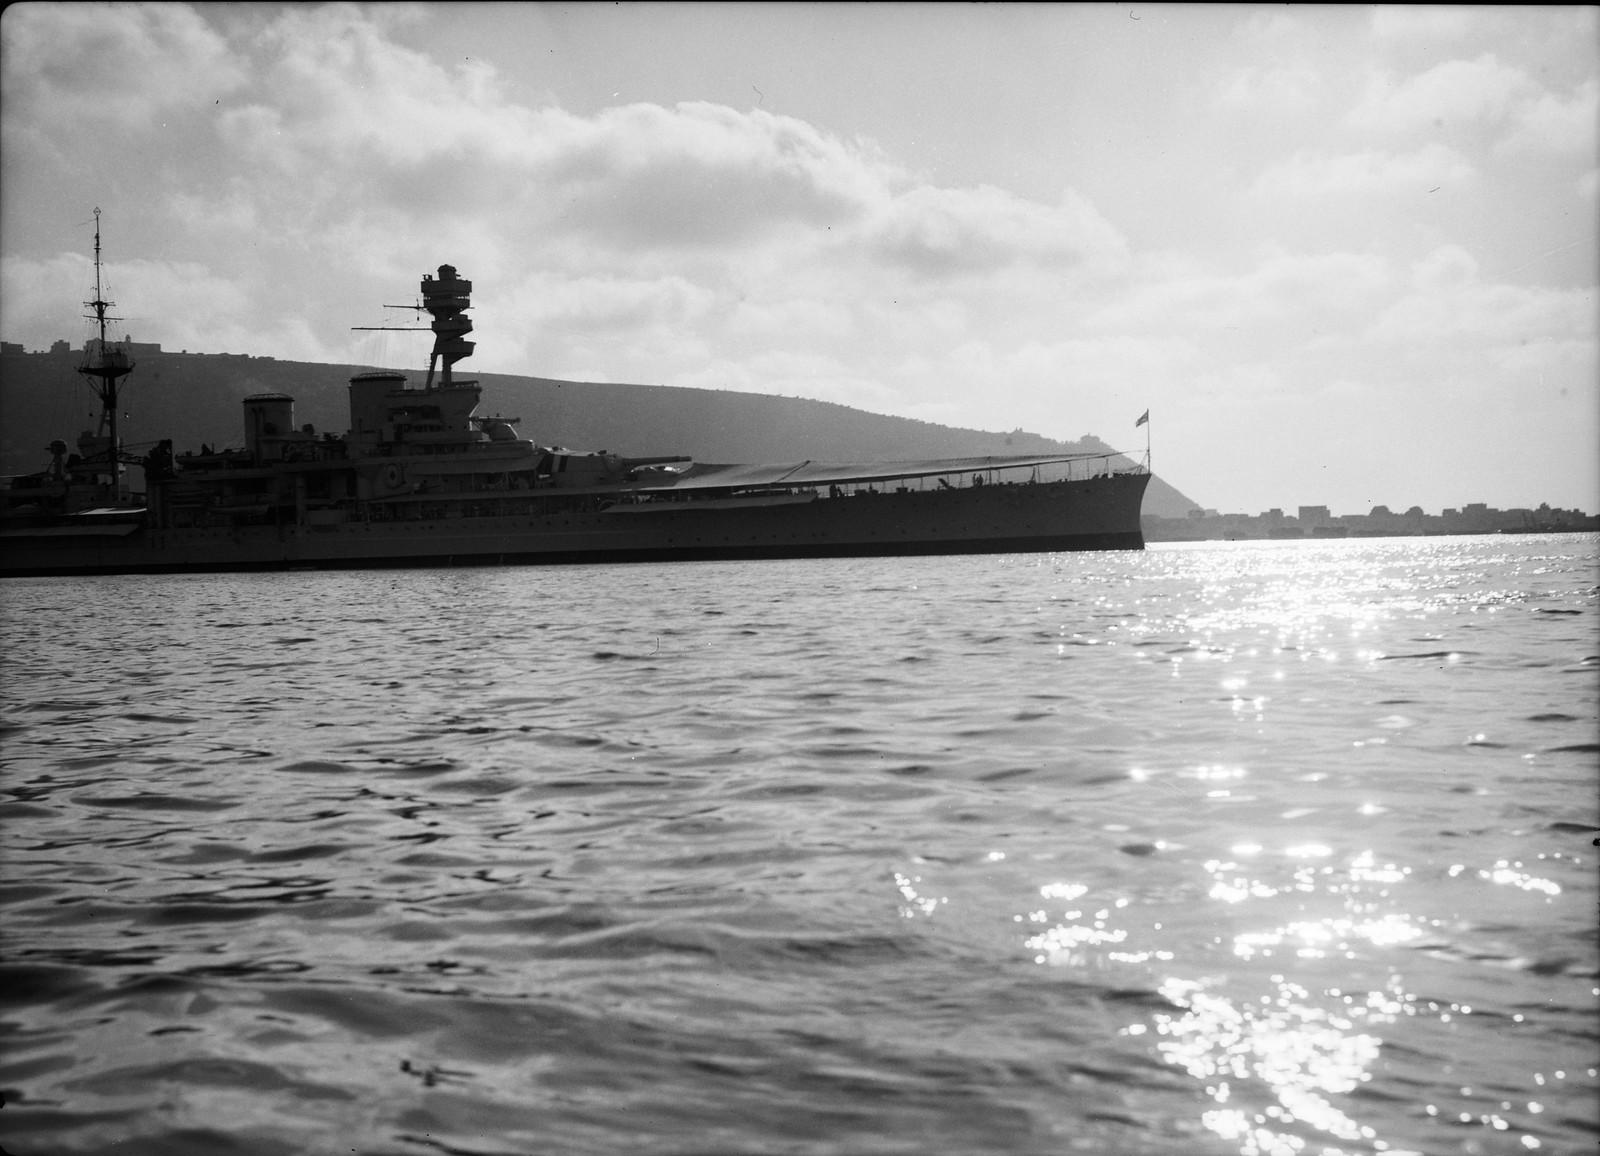 Результат правительственных мер после террористических актов. HMS Repulse с Хайфой на заднем плане